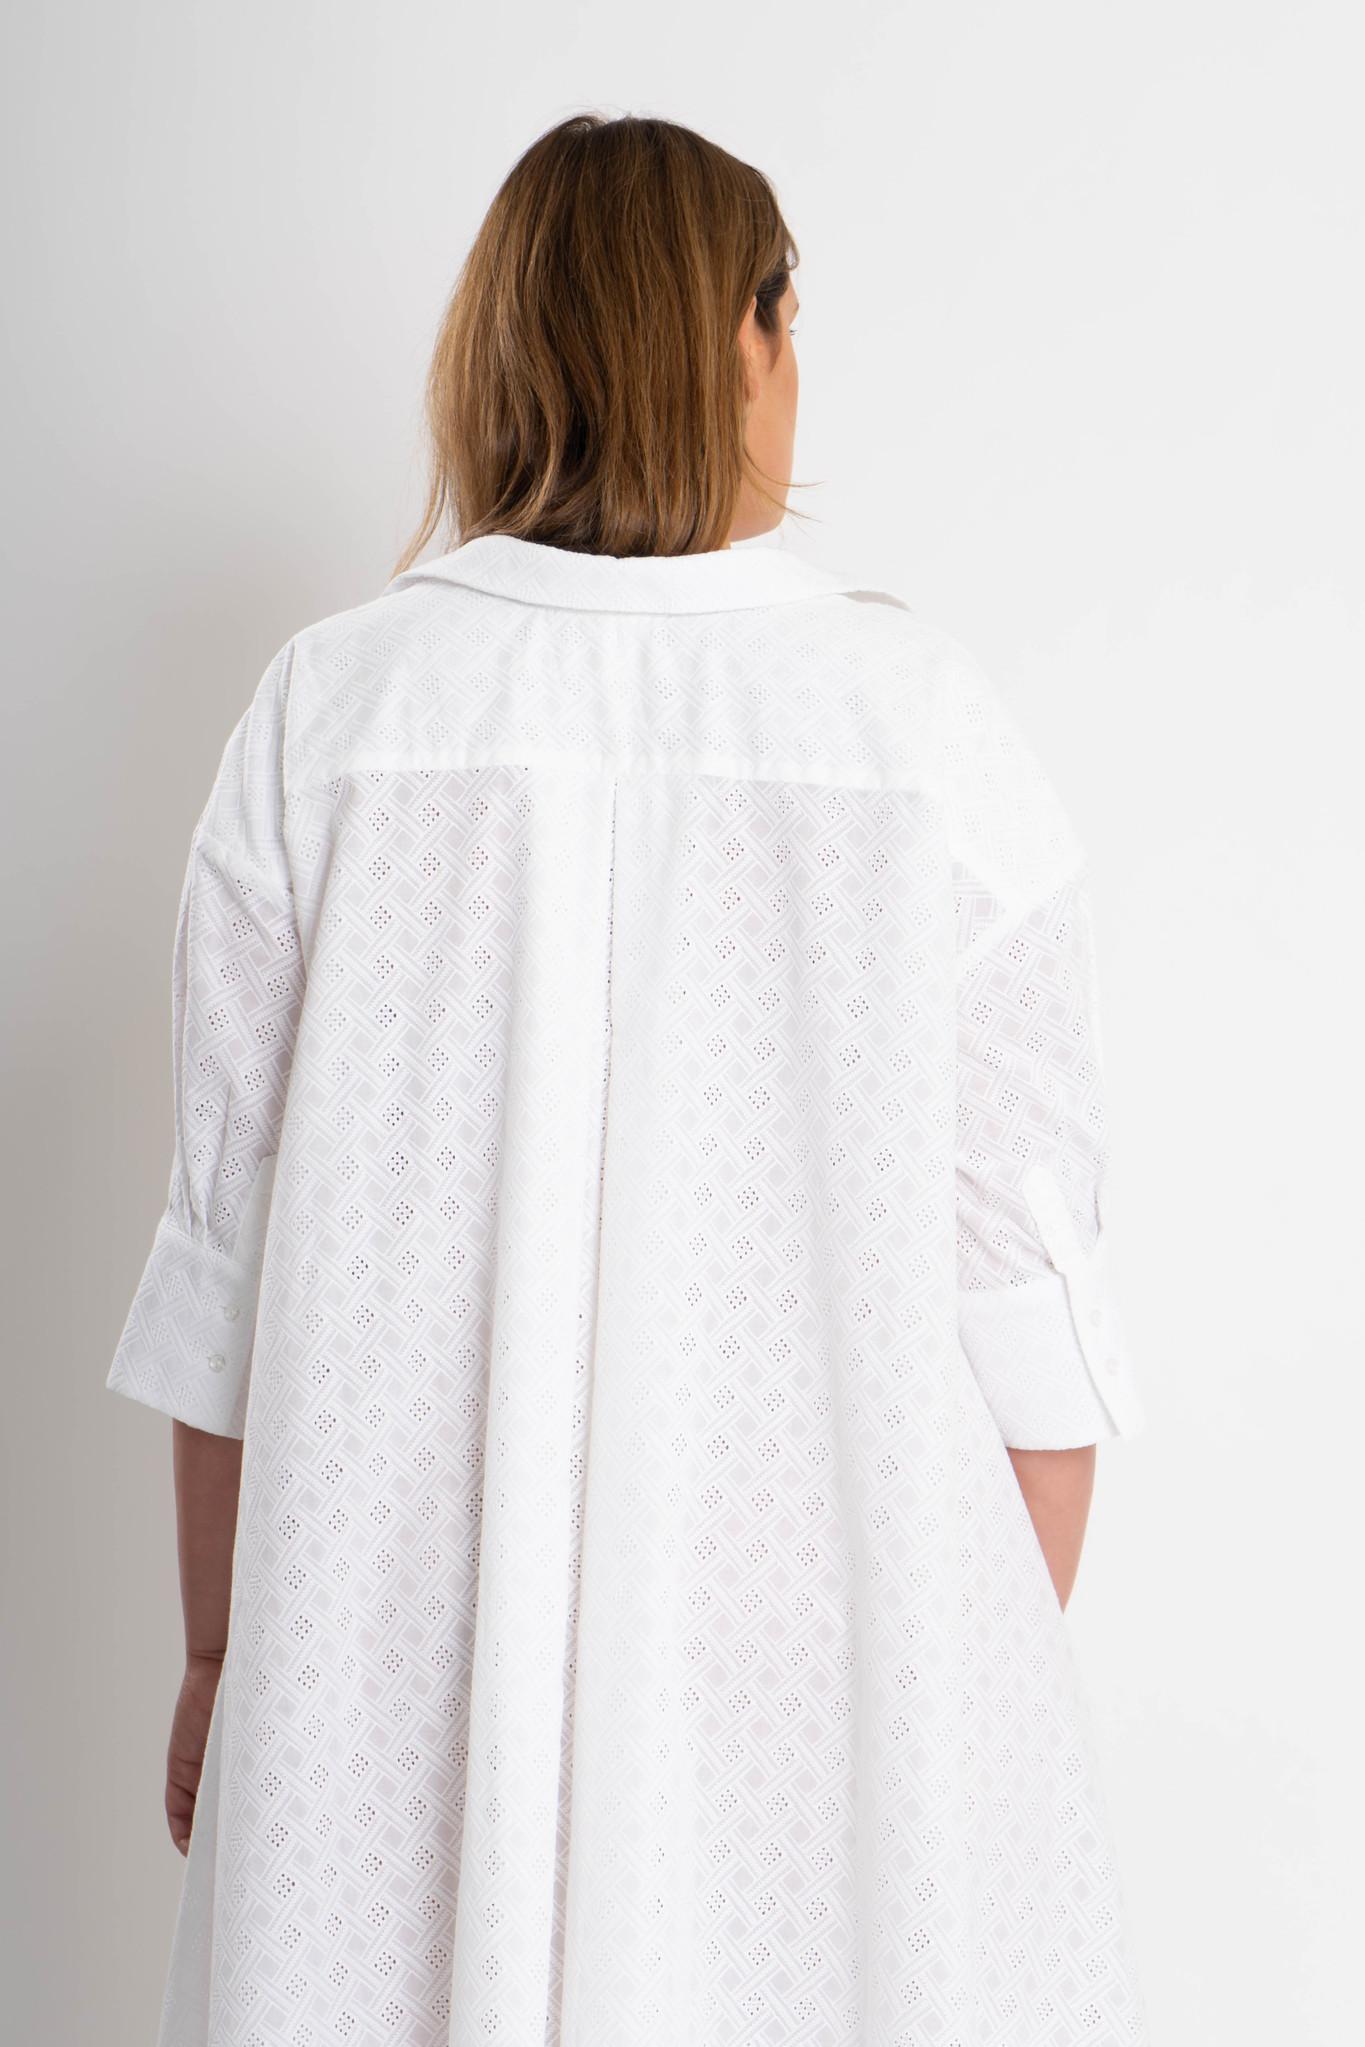 ADRIANA Kleid aus bestickter Baumwolle-3